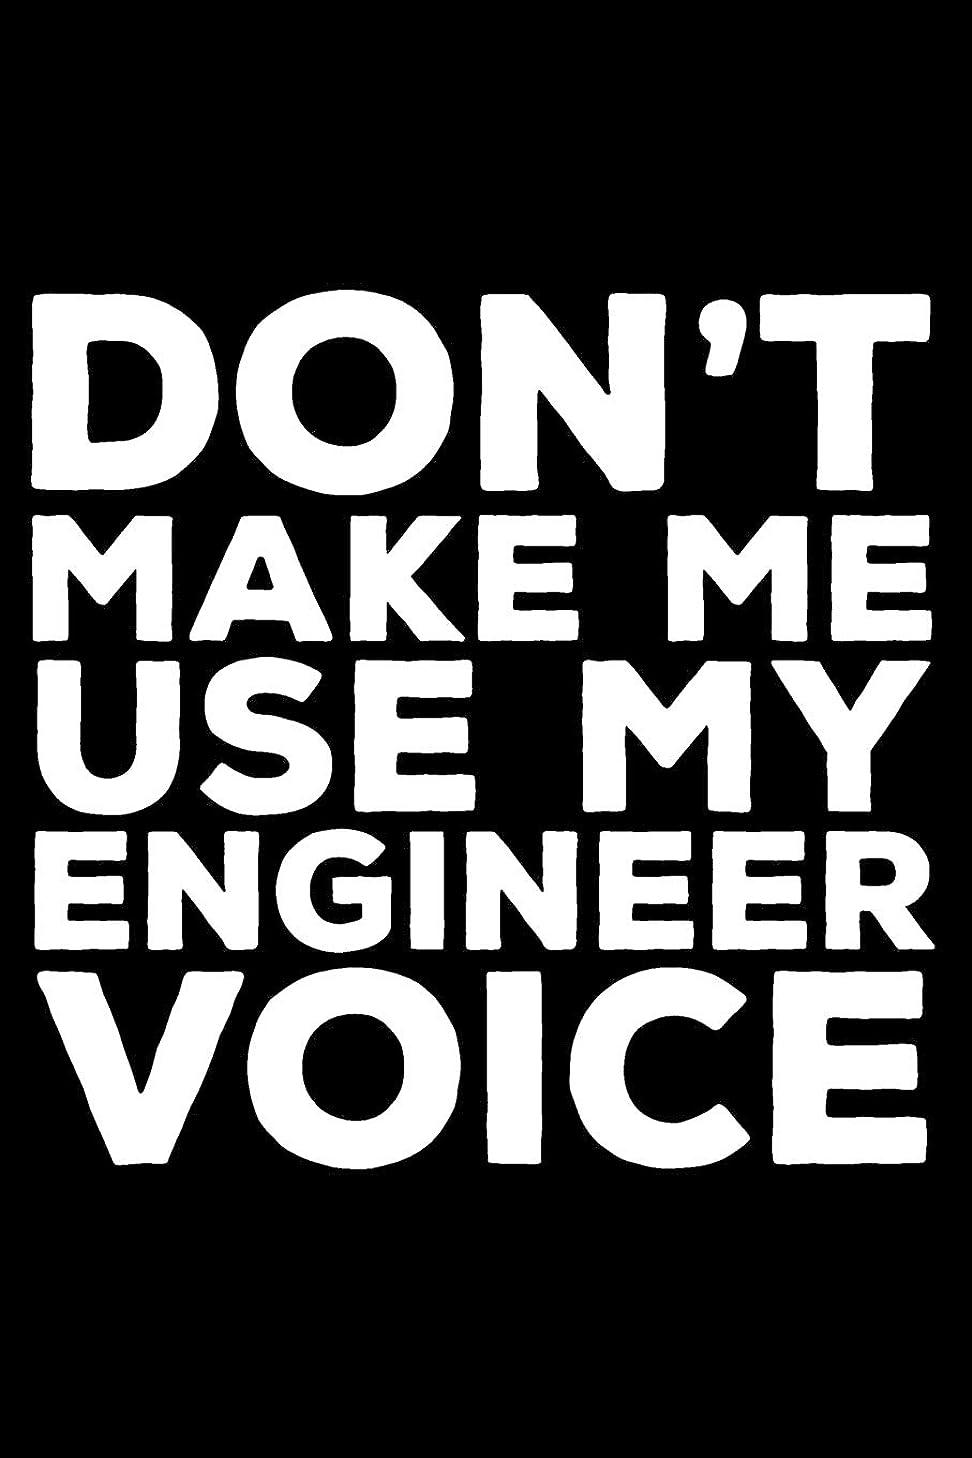 対応姓一瞬Don't Make Me Use My Engineer Voice: 6x9 Notebook, Ruled, Funny Writing Notebook, Journal For Work, Daily Diary, Planner, Organizer for Civil, Electrical, Industrial, Mechanical Engineers